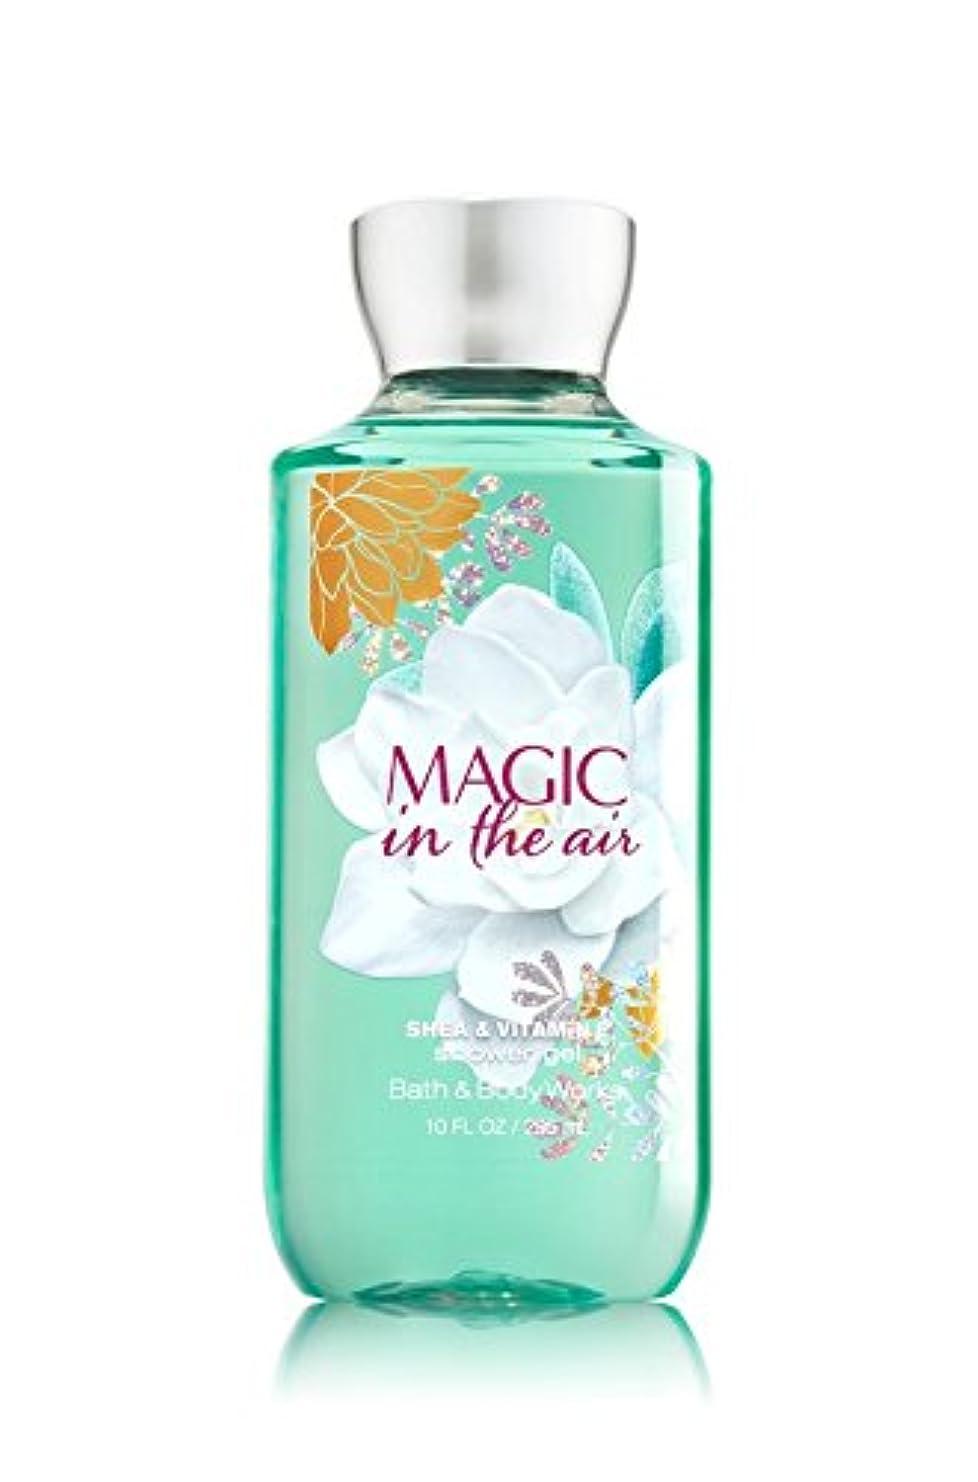 適度な英語の授業があります細部【Bath&Body Works/バス&ボディワークス】 シャワージェル マジックインザエアー Shower Gel Magic in the Air 10 fl oz / 295 mL [並行輸入品]